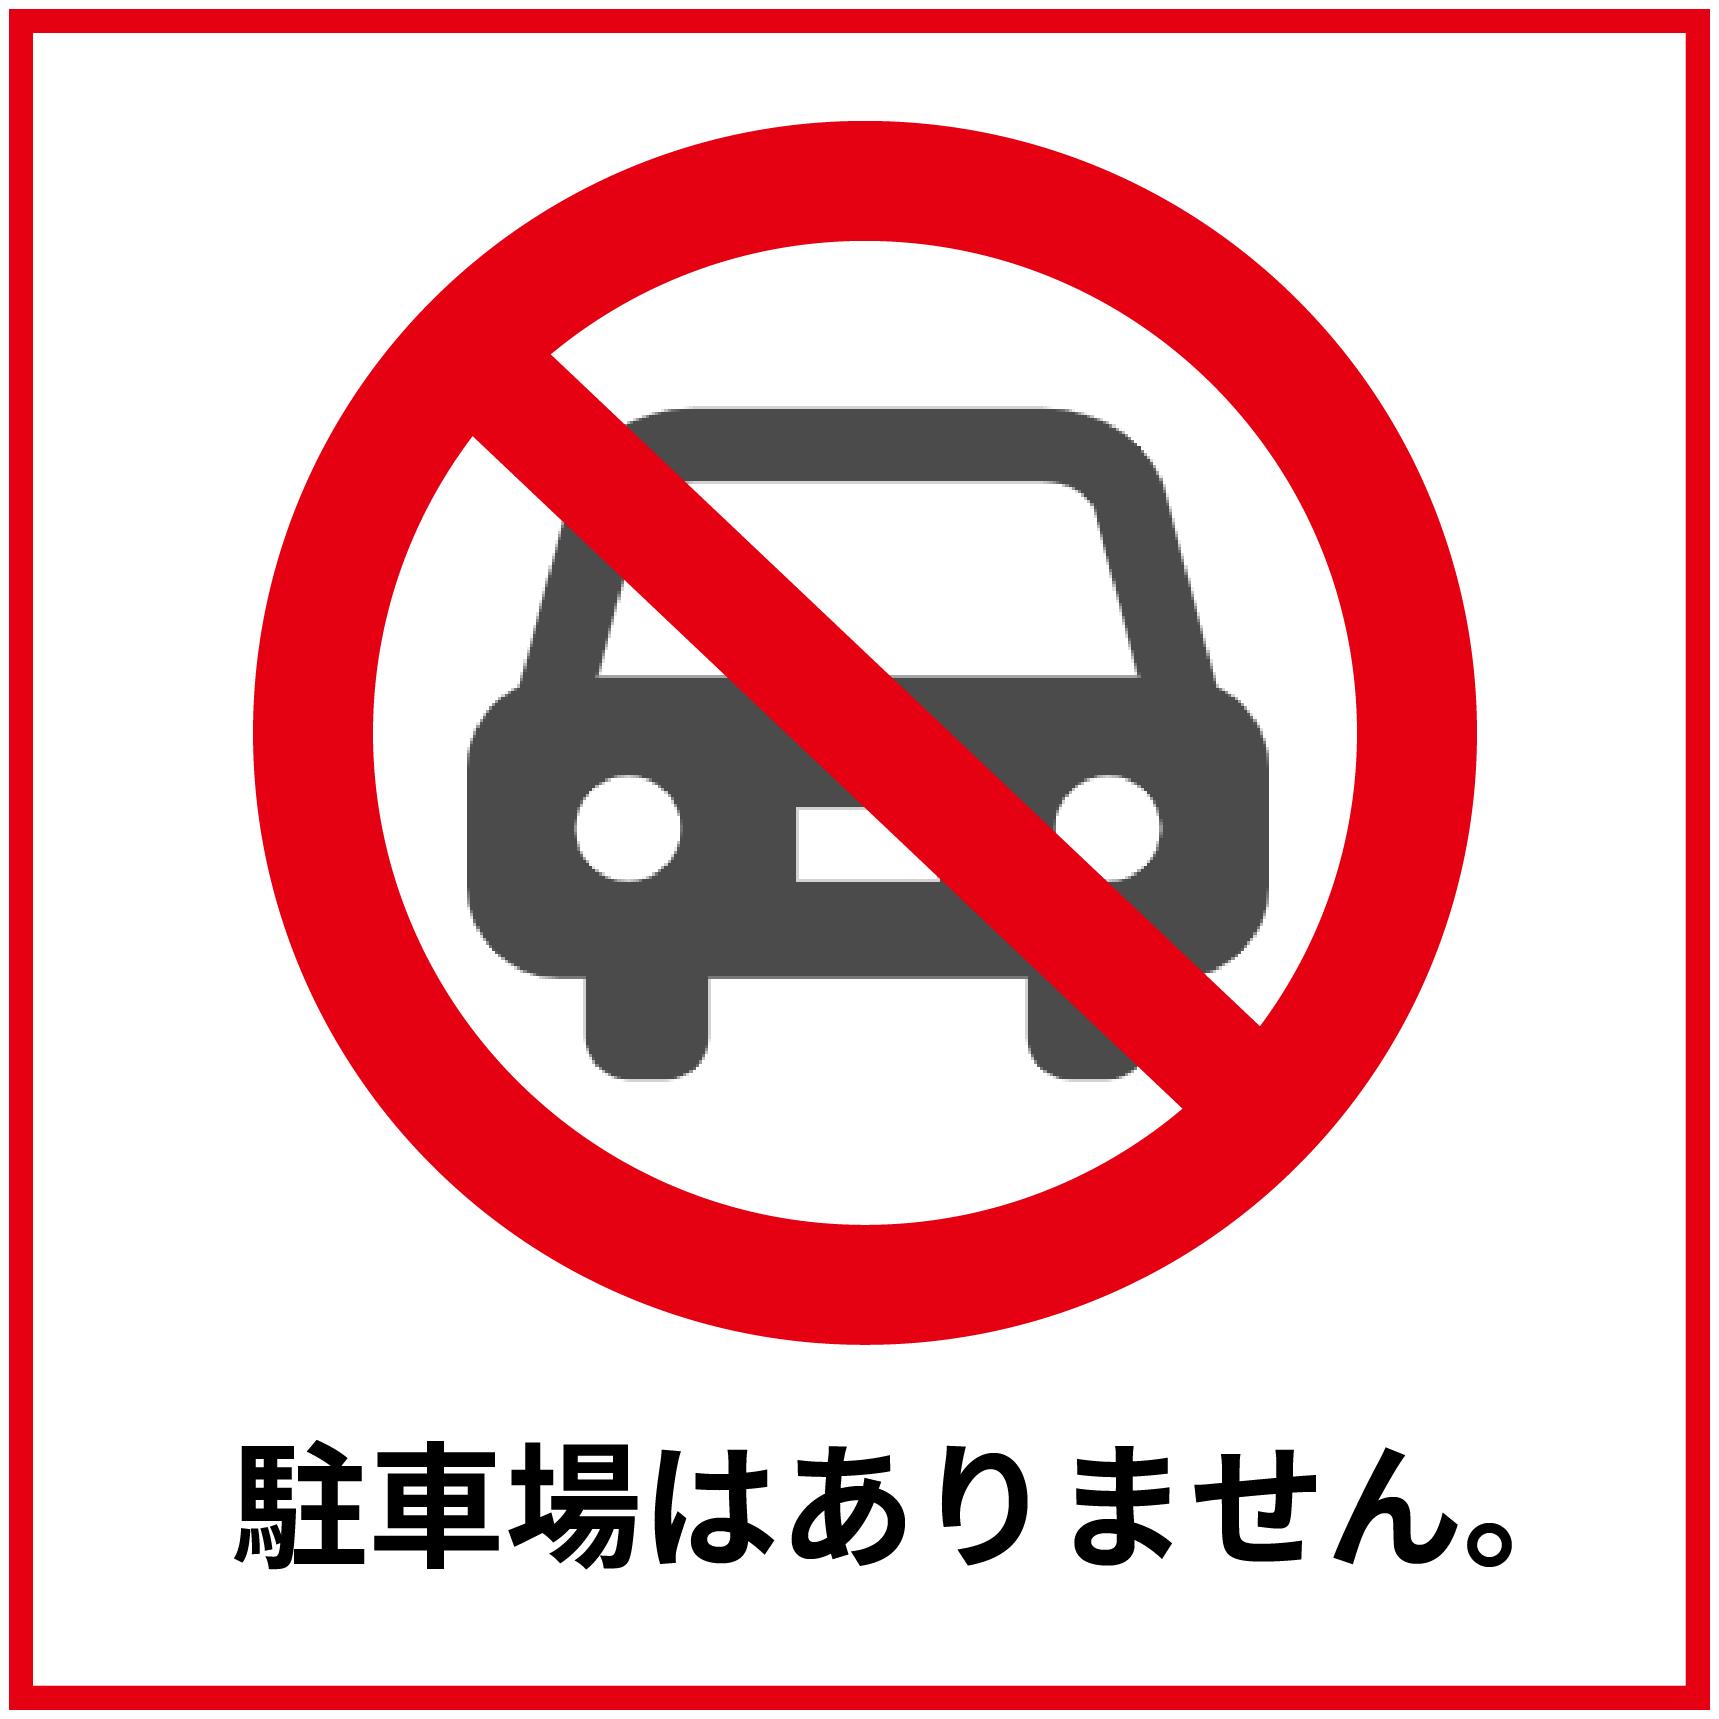 駐車002